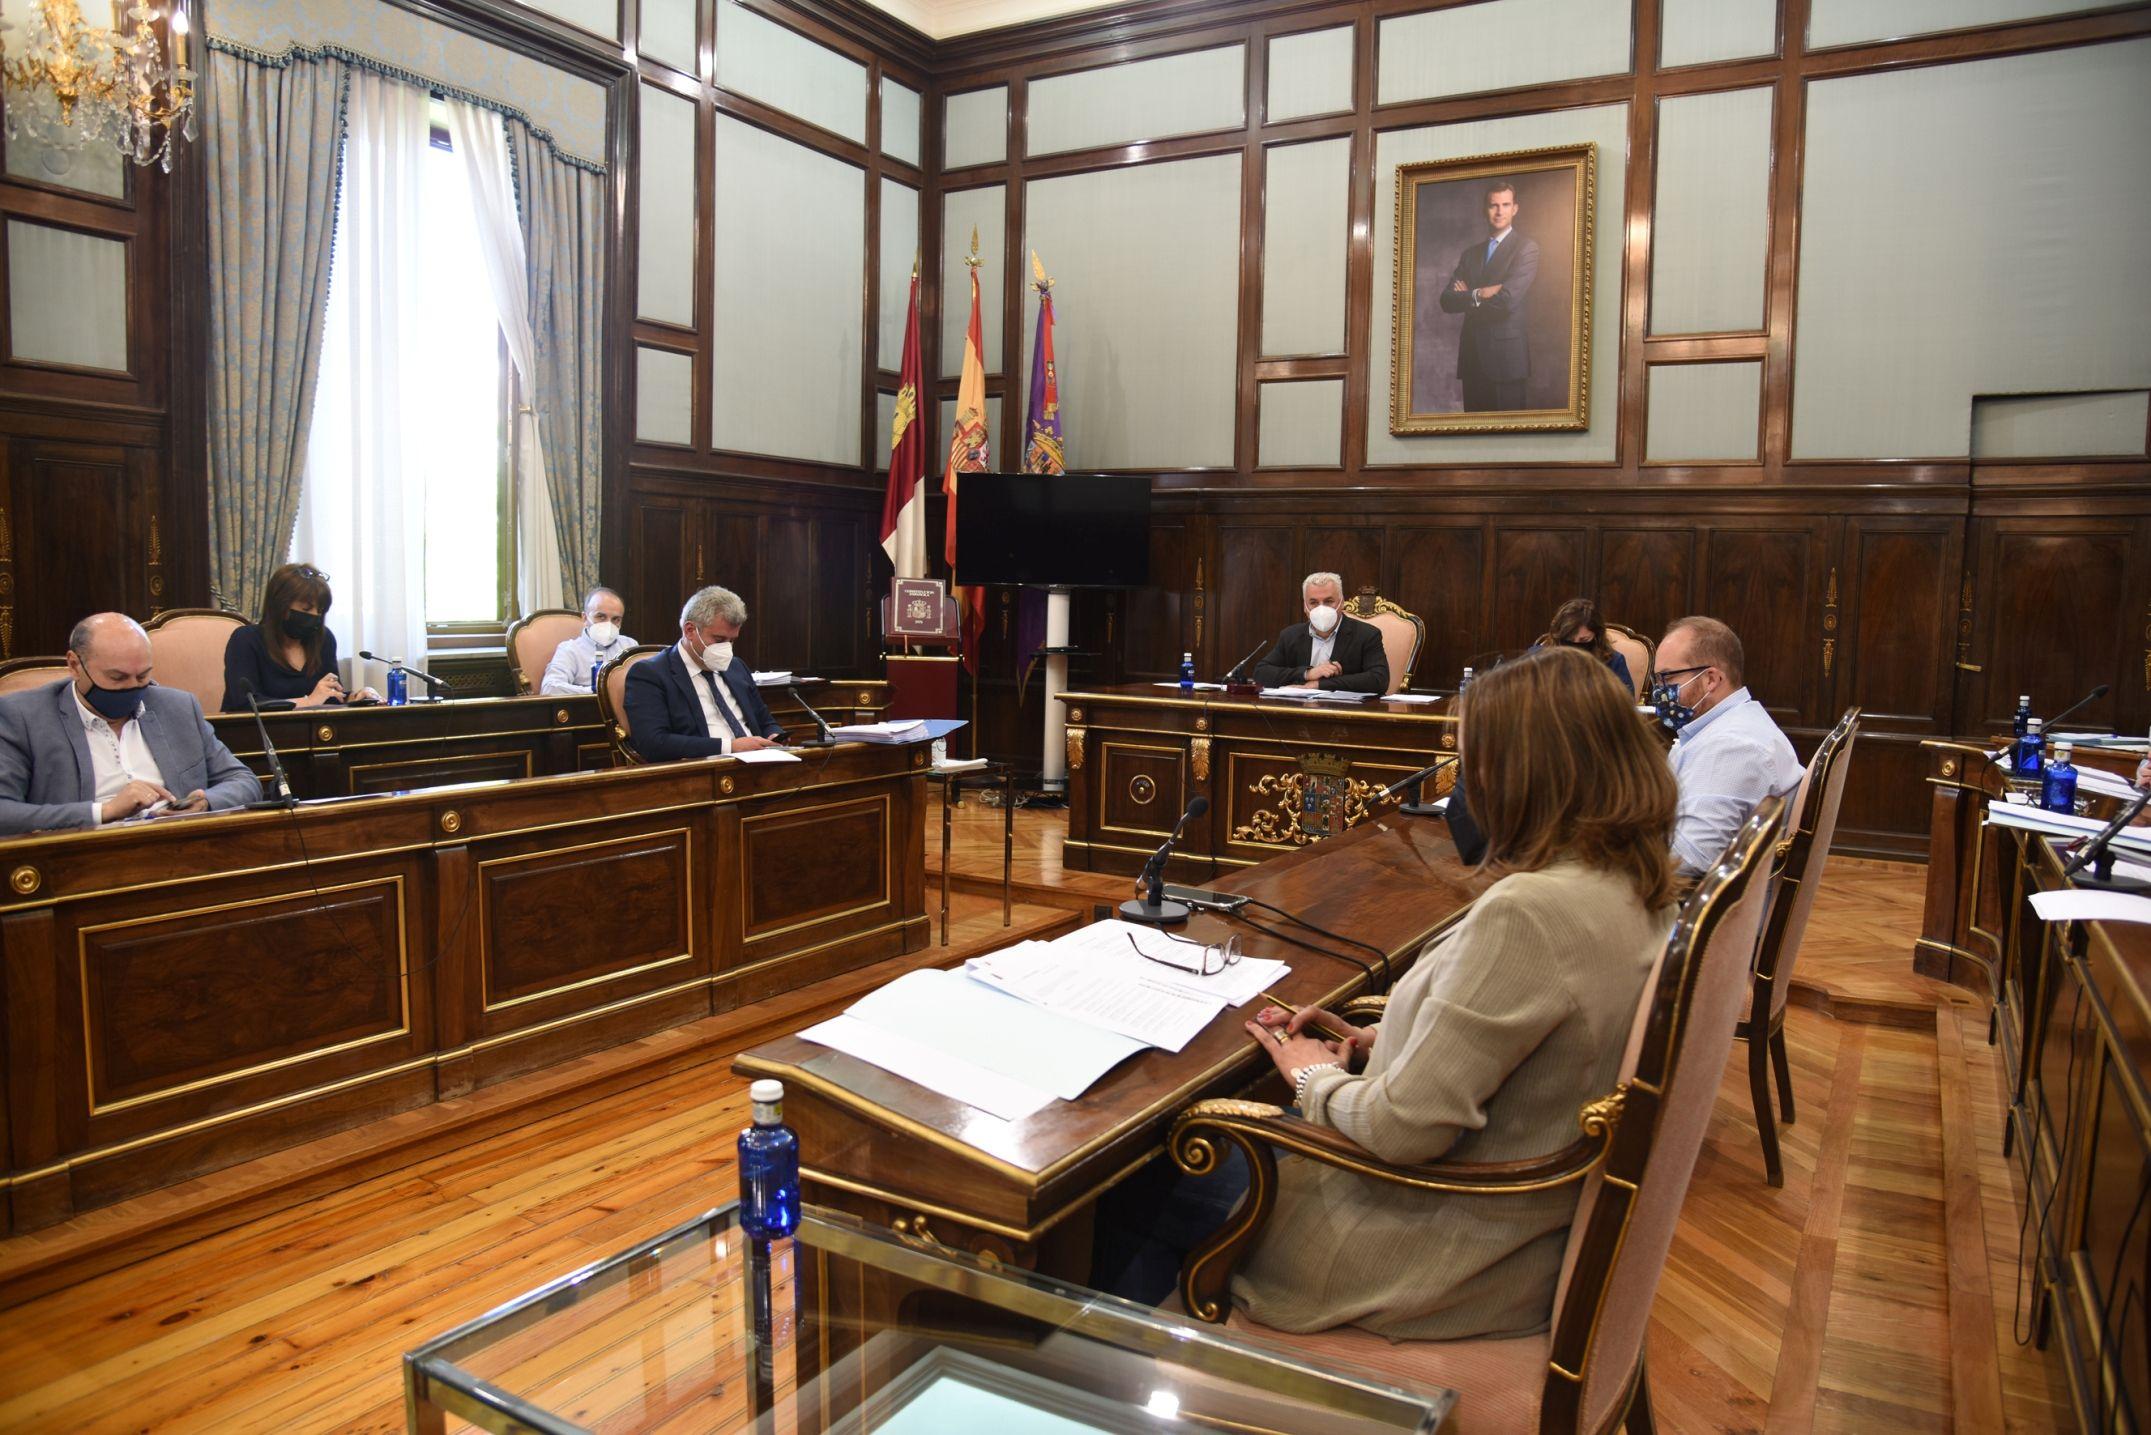 La Diputación de Guadalajara ejecutará en 2021 el mayor Plan de Obras Hidráulicas anual de su historia